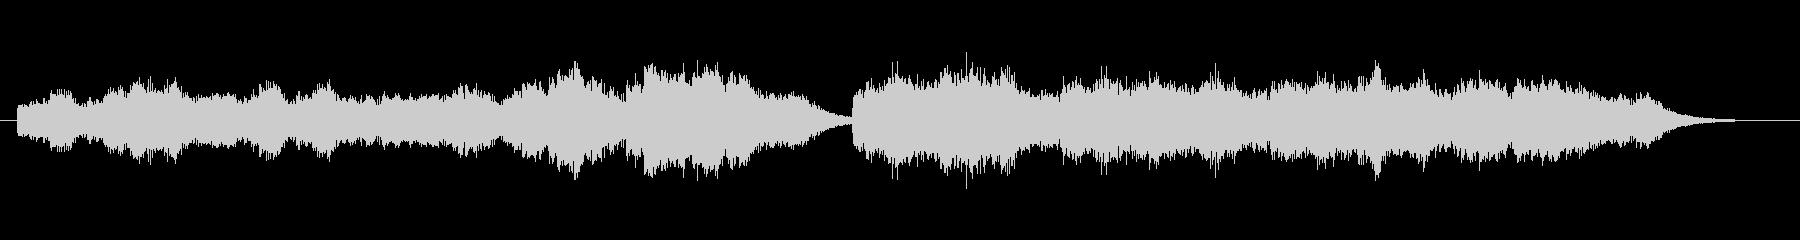 シンプルかつ奇麗な優しいBGMです。の未再生の波形